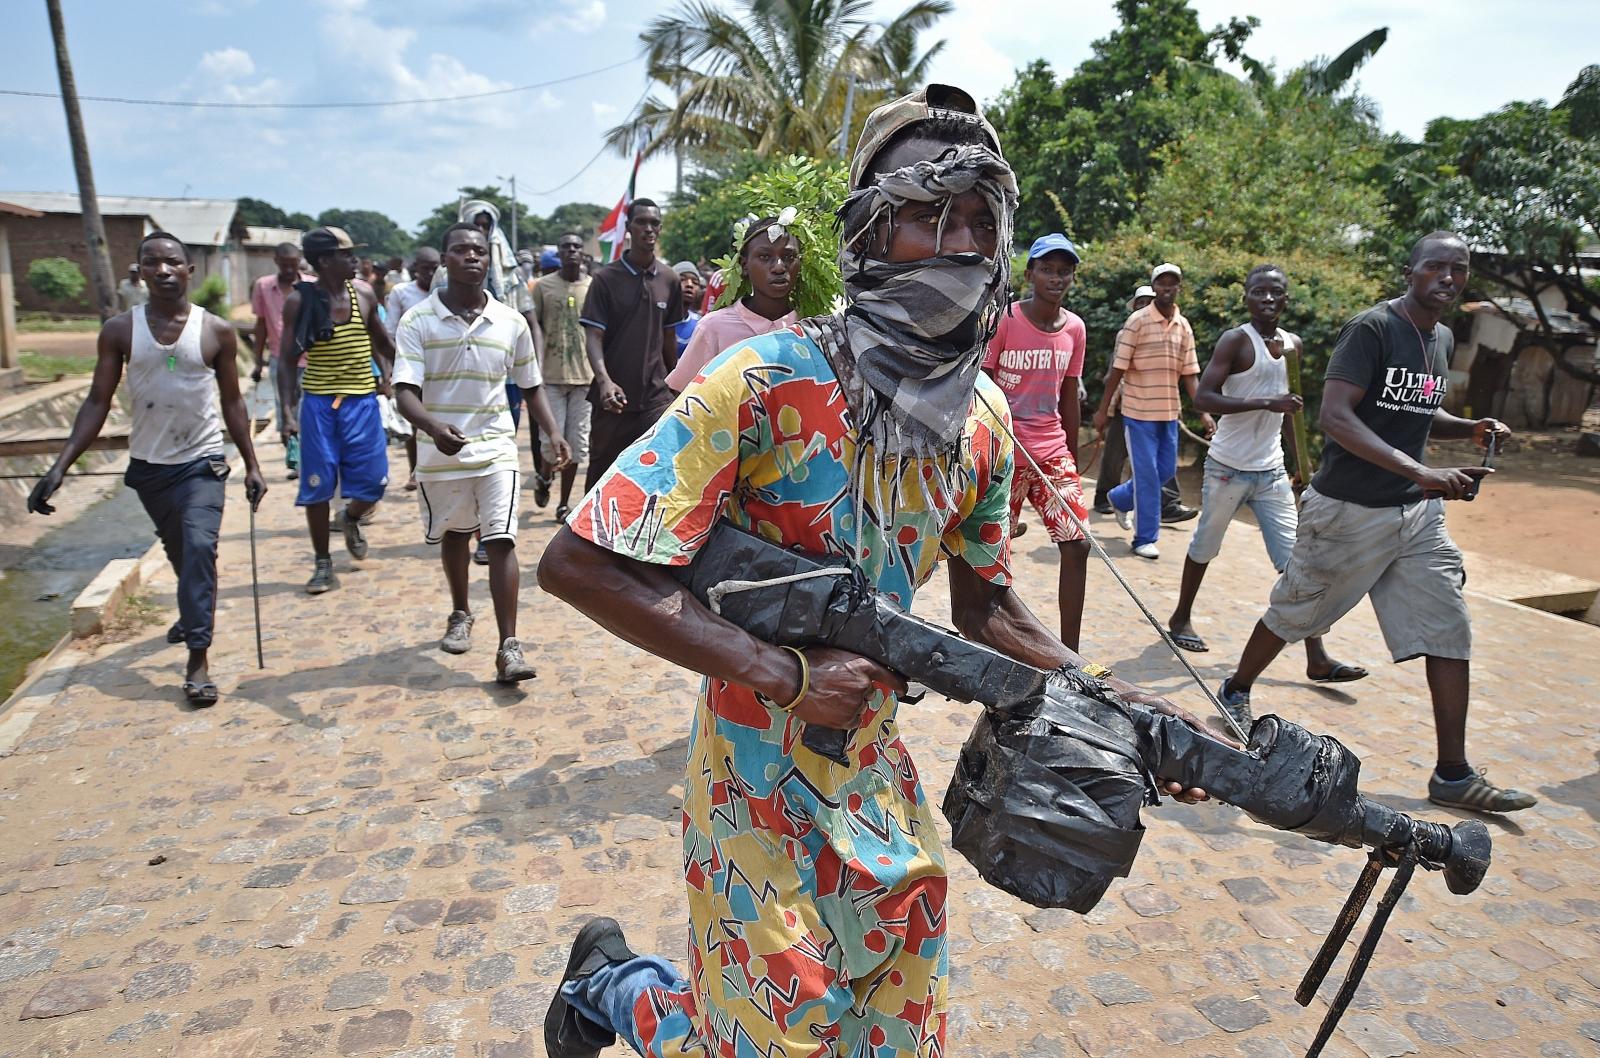 Burundi protests arms